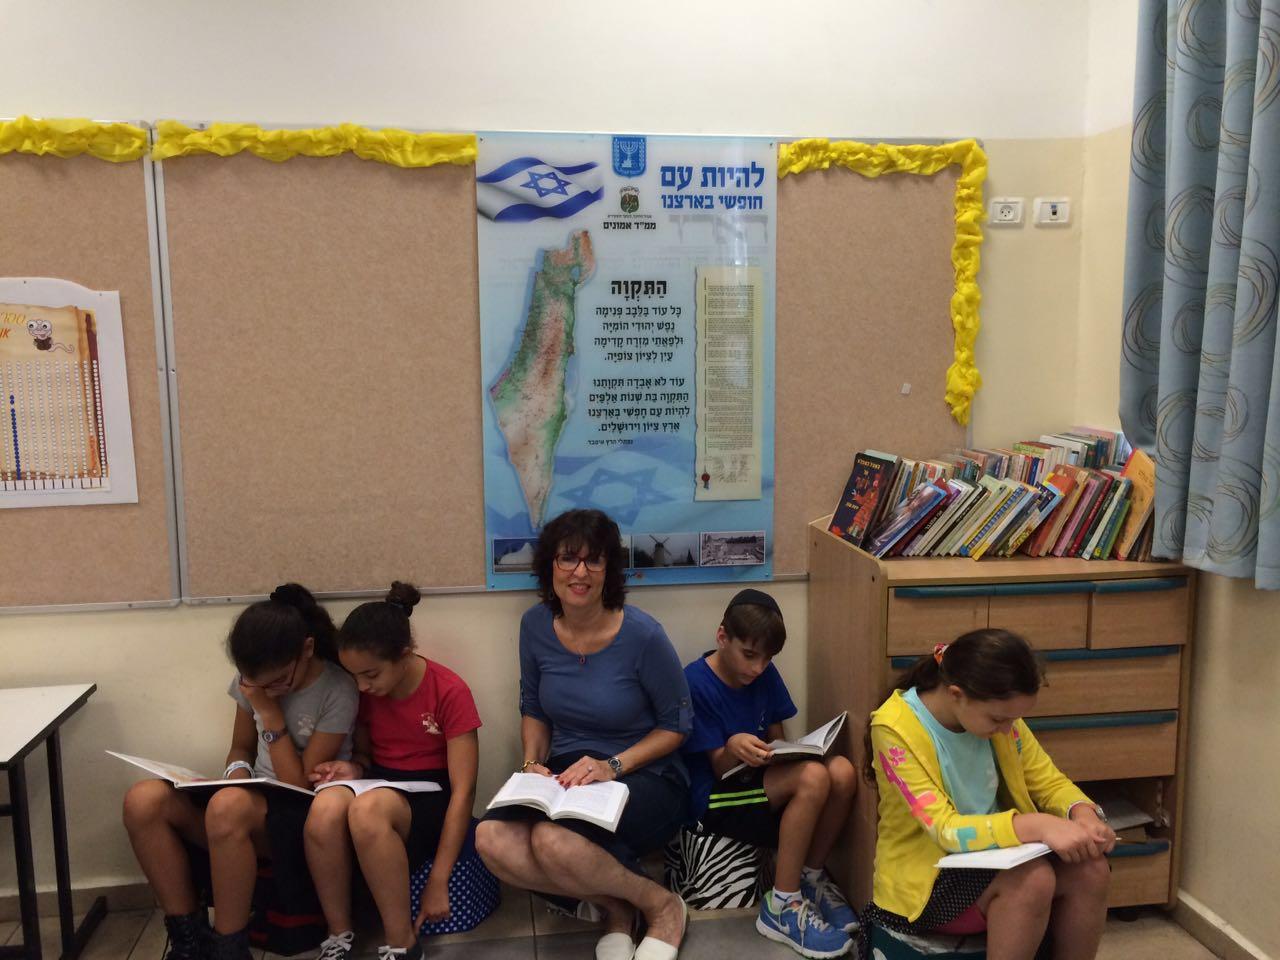 המורה שוש גוטמן עם תלמידיה נהנים מפרי יצירתם בפינת הישיבה החדשה